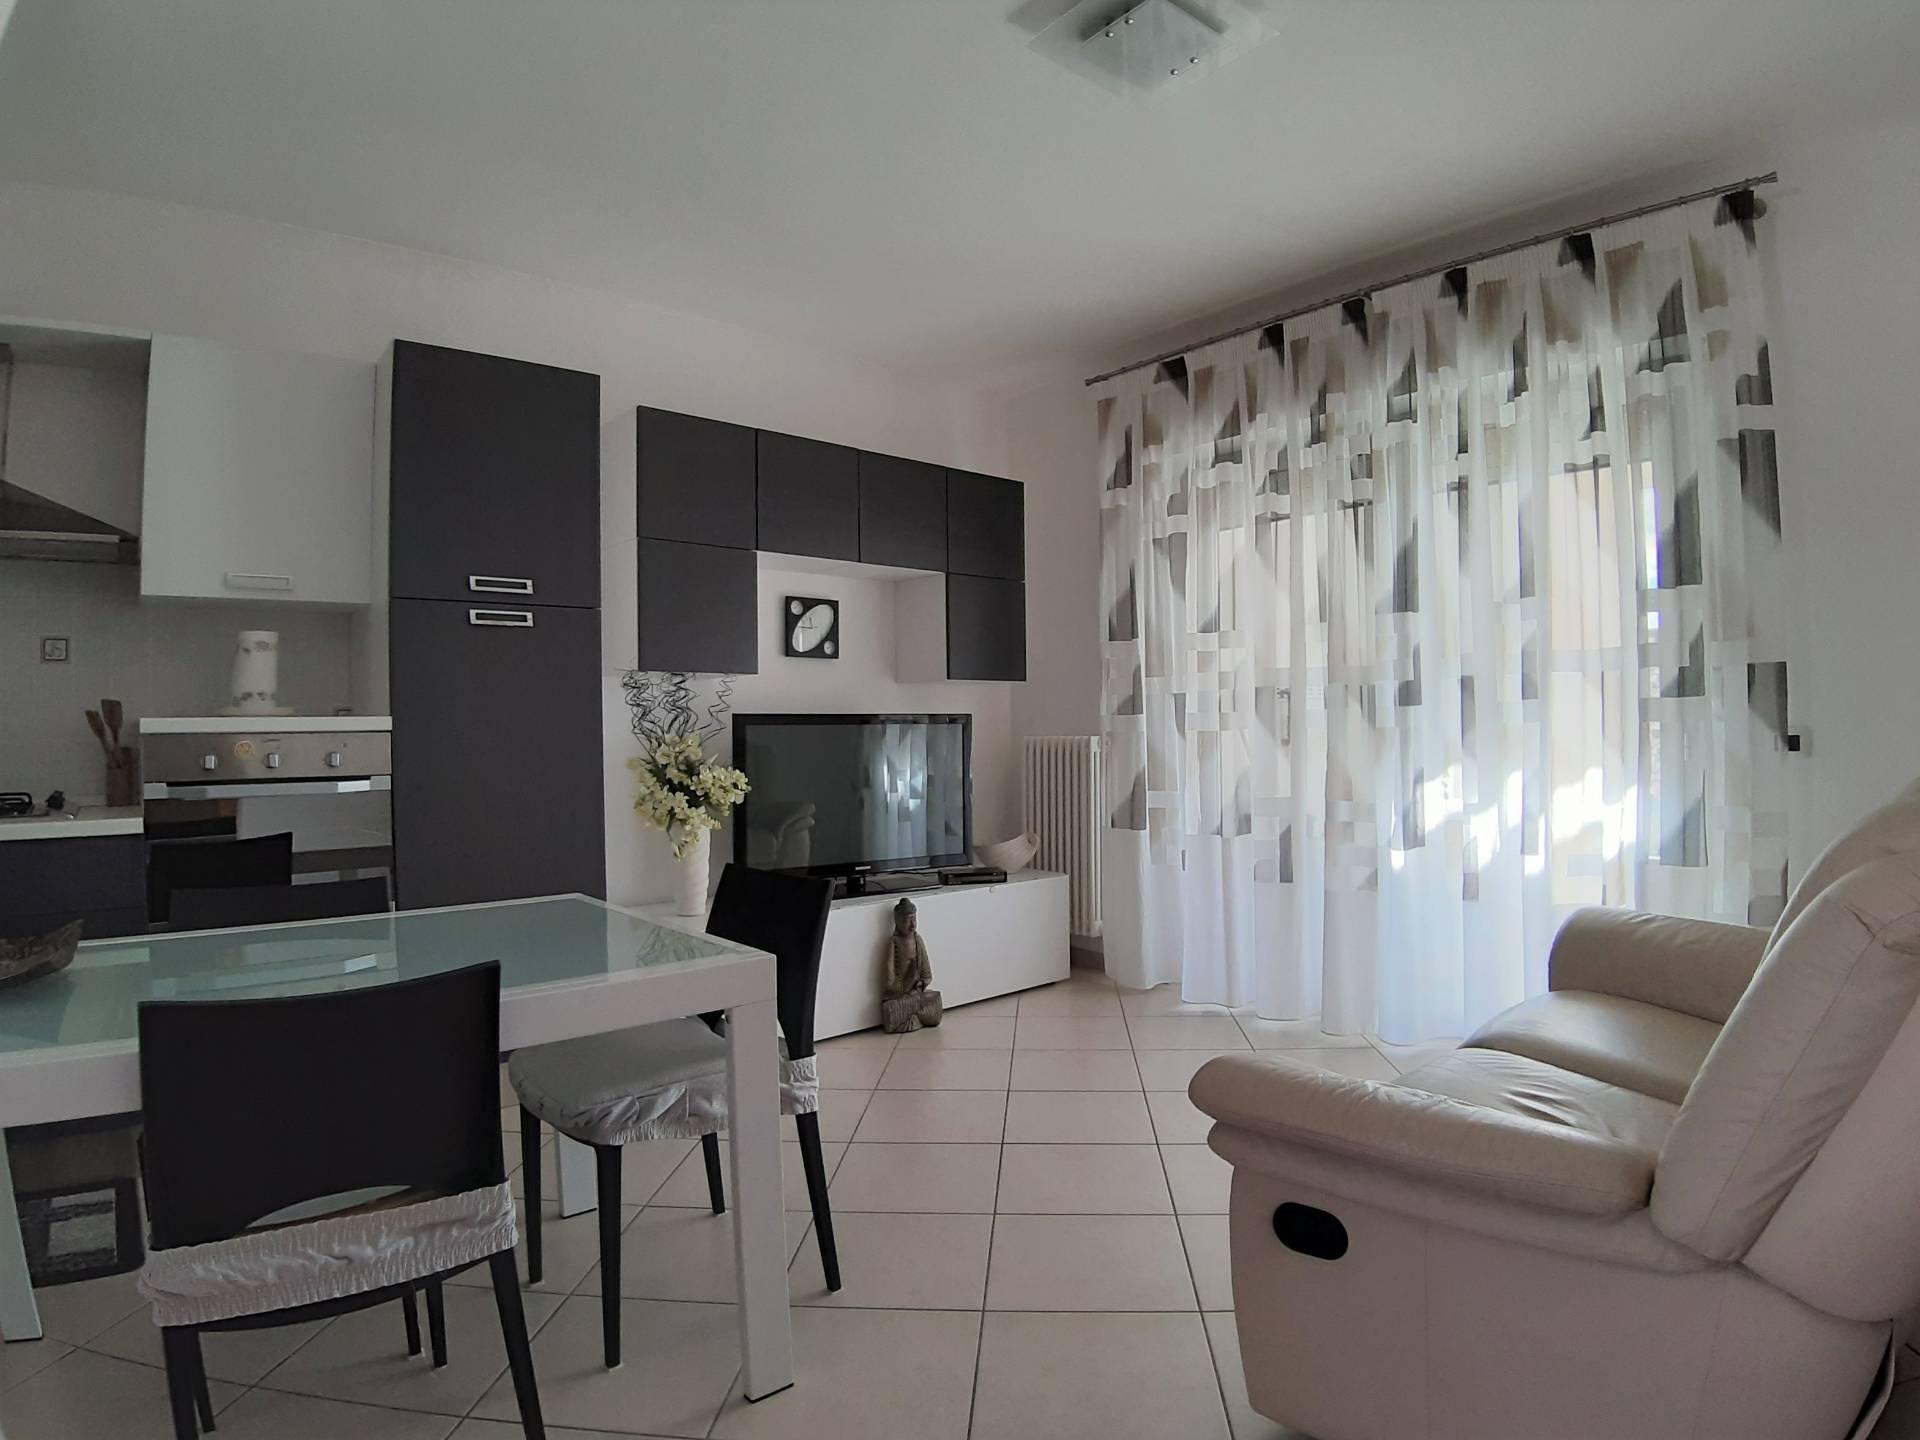 Appartamento in vendita a Giulianova, 4 locali, zona Località: LIDOCENTRO, prezzo € 145.000 | PortaleAgenzieImmobiliari.it